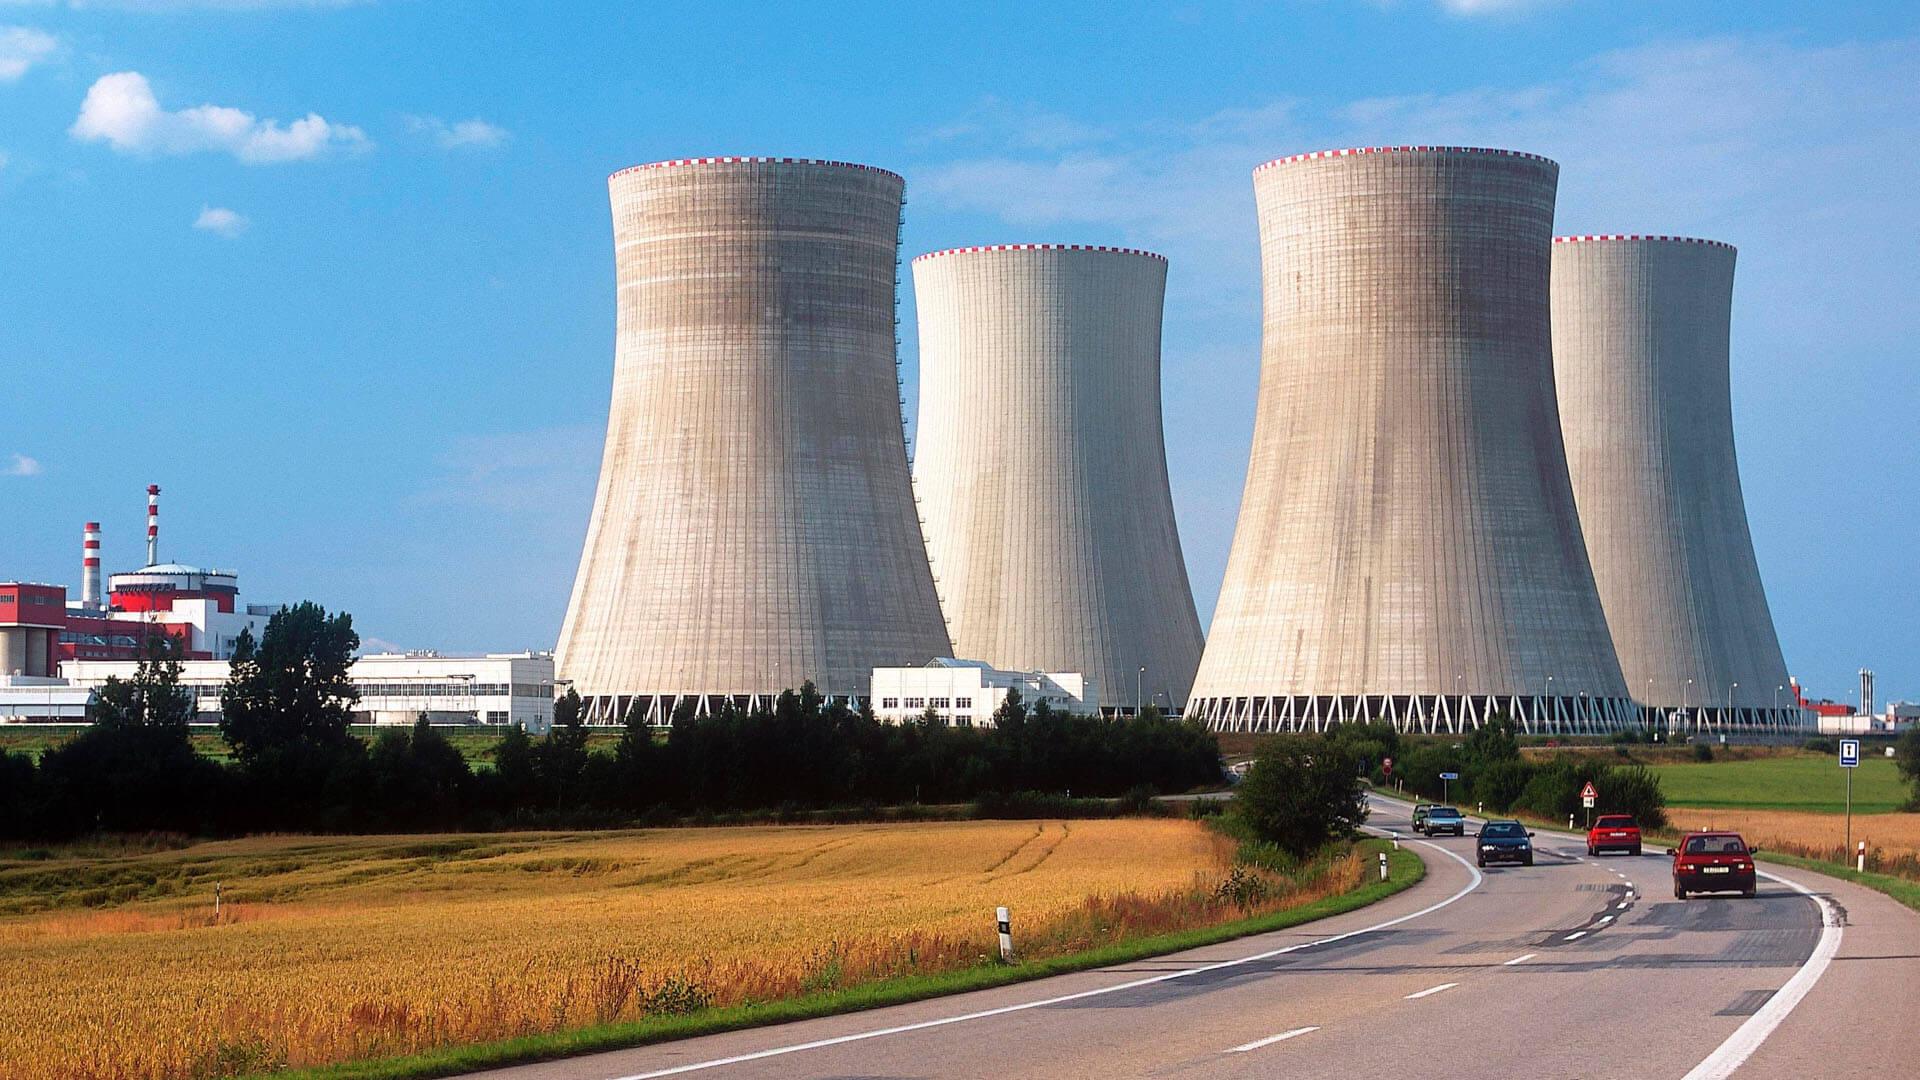 Il dibattito sul nucleare in Italia si è arenato dopo Fukushima